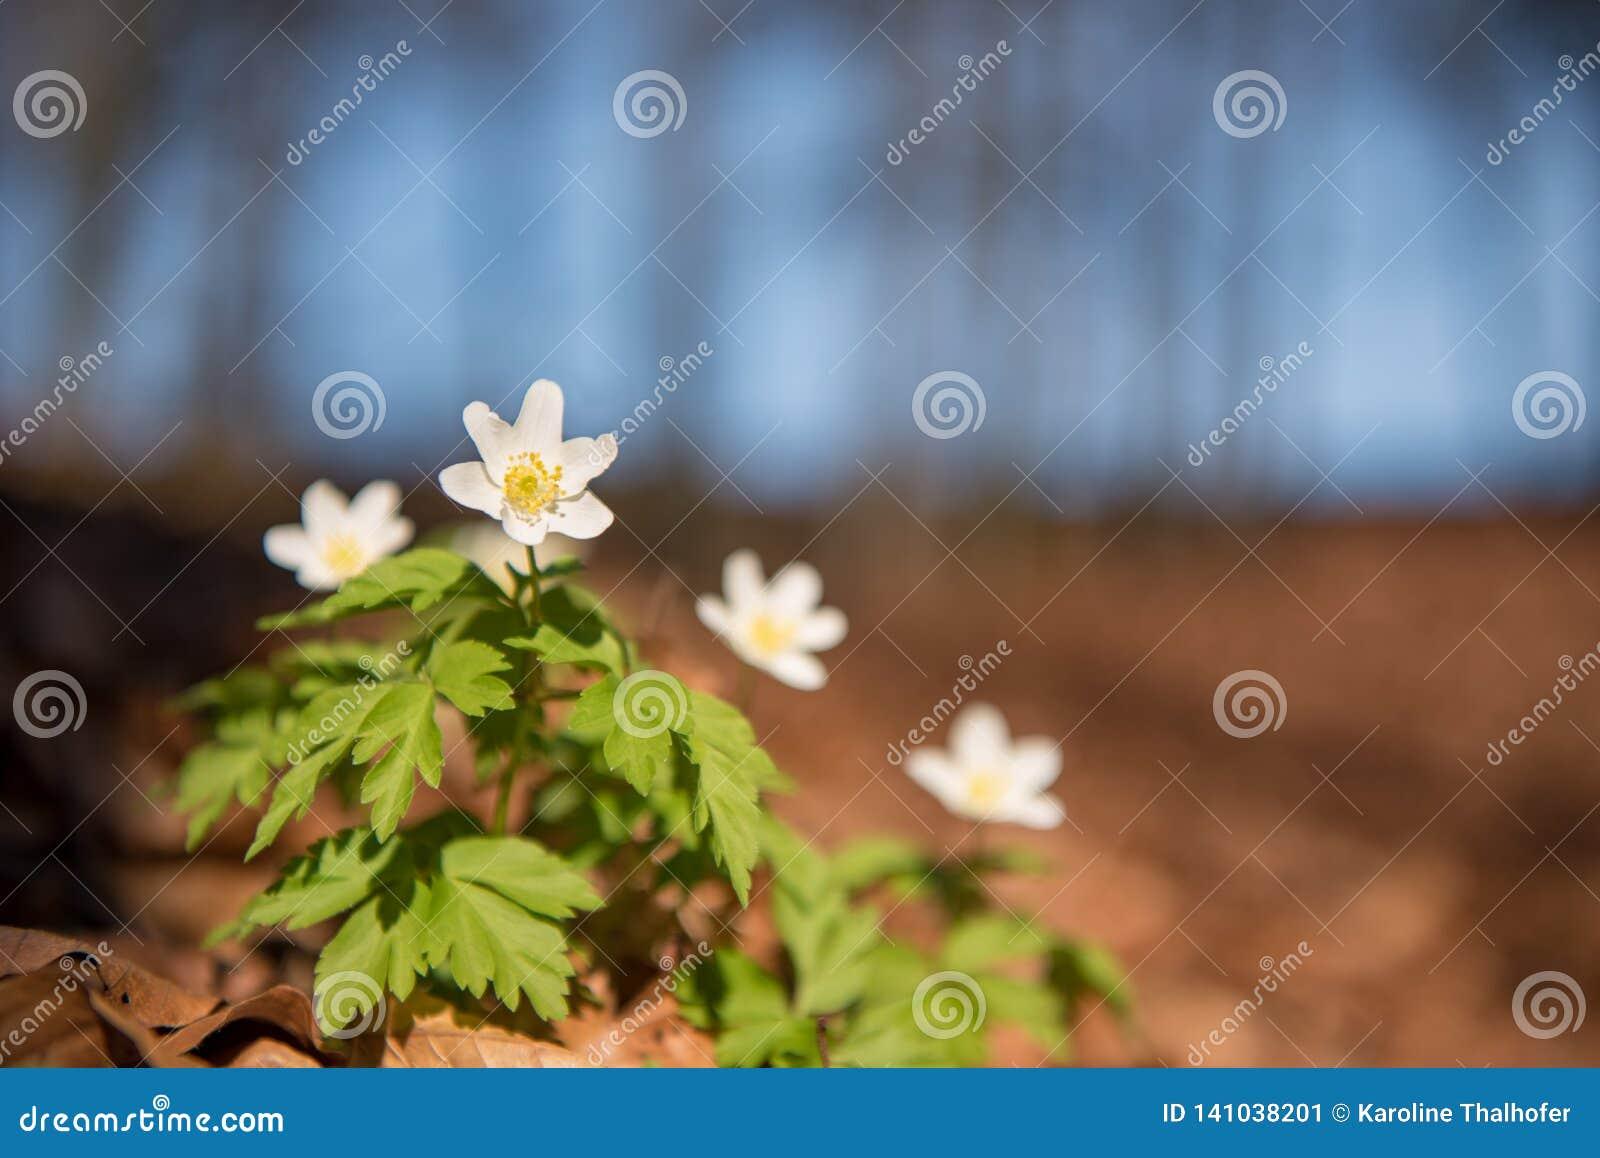 Όμορφο άσπρο anemone στο δάσος μπροστά από το μπλε ουρανό